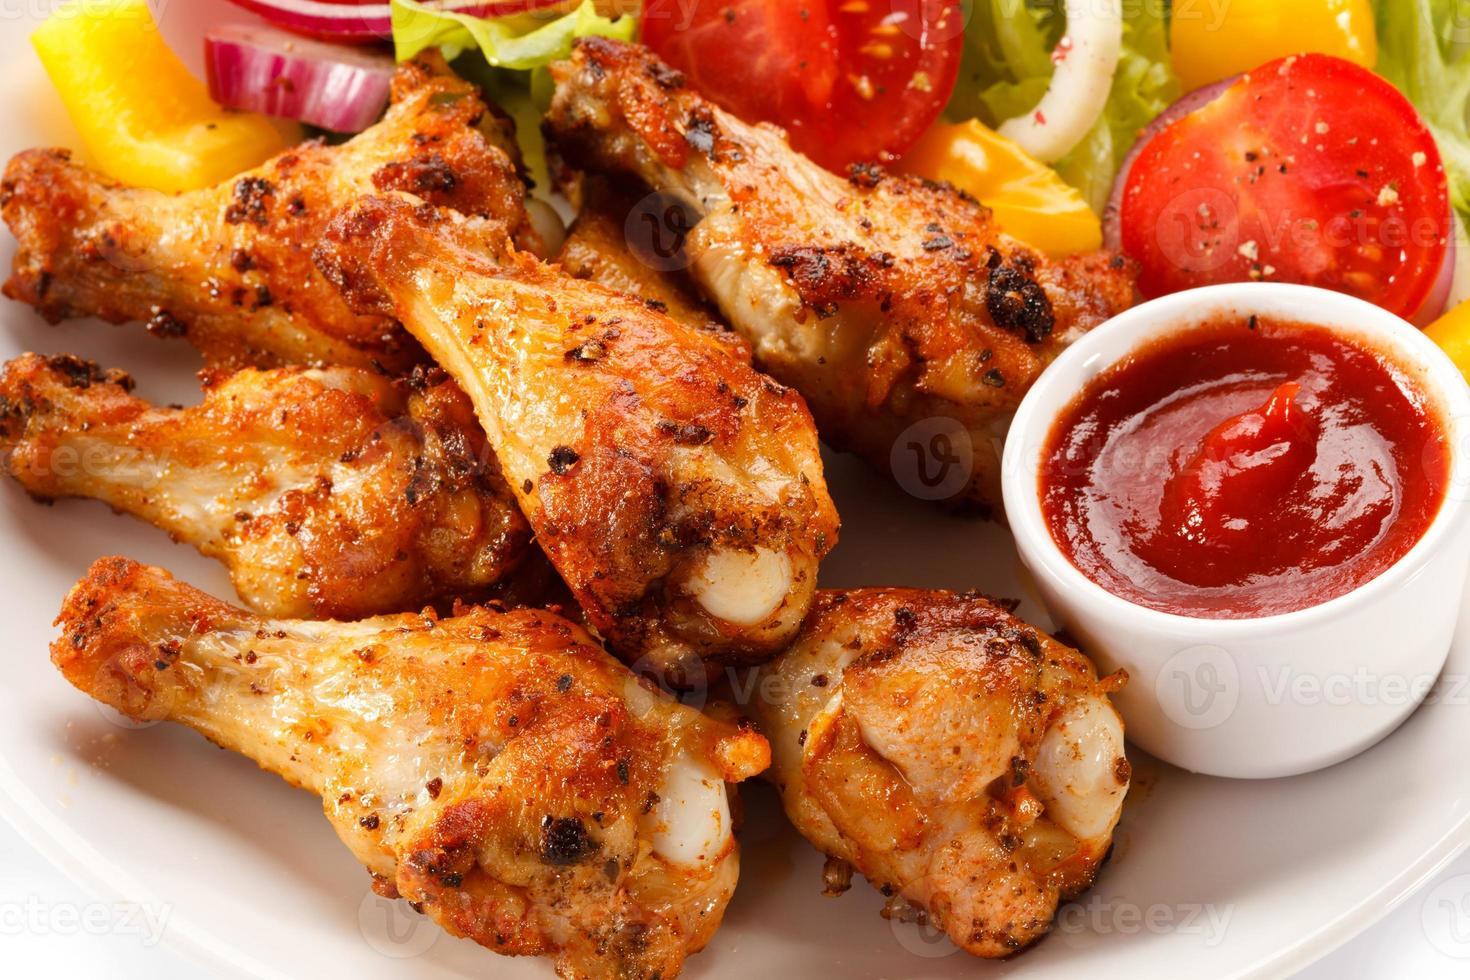 grillade kycklingvingar och grönsaker foto